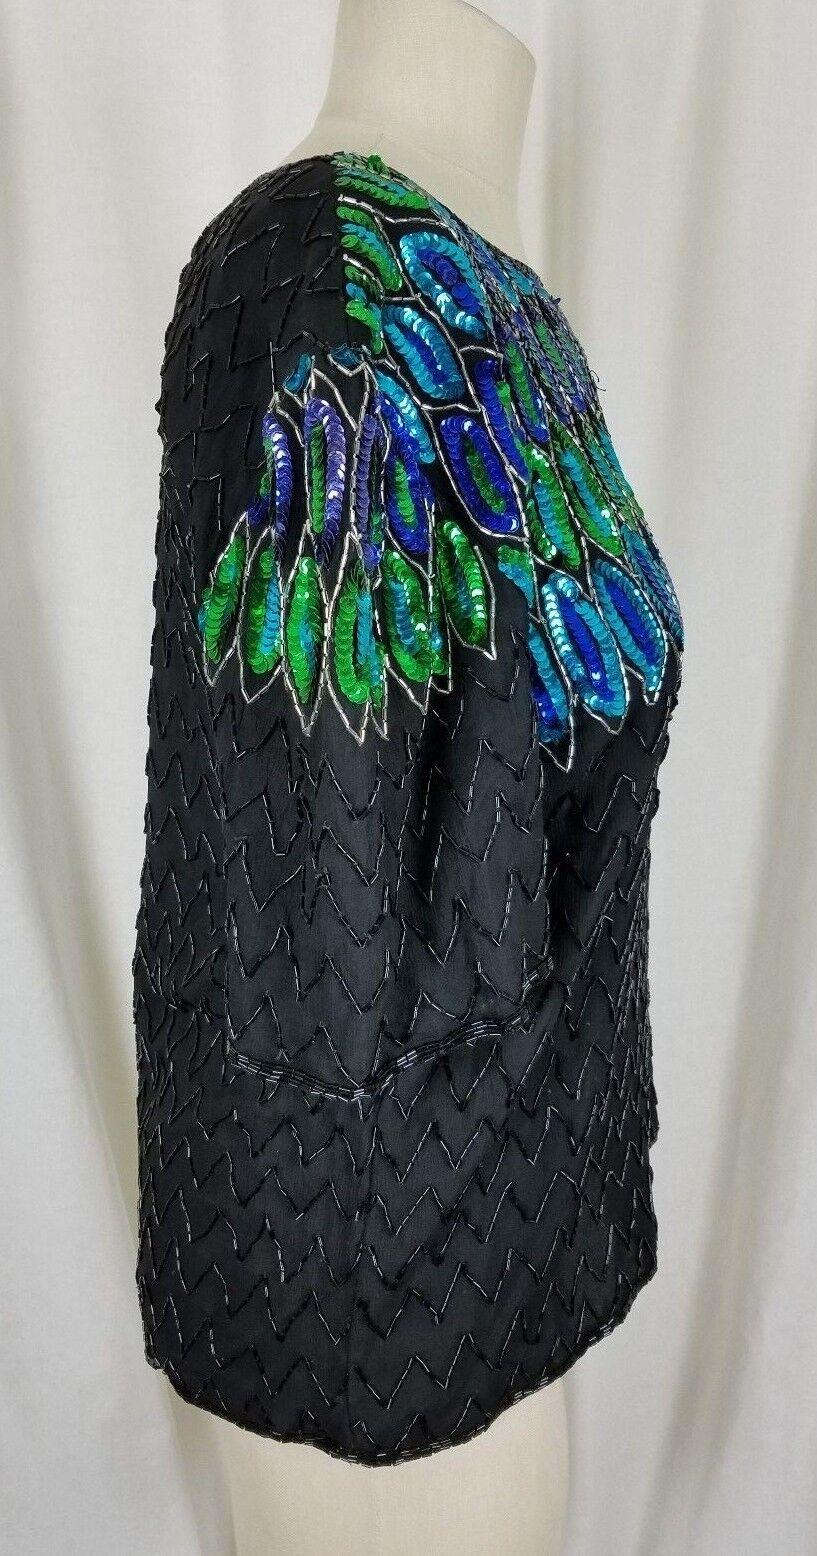 Stenay Abbondantemente Perline con Paillettes Sera Formale Top Camicetta Donna Donna Donna L 36432e